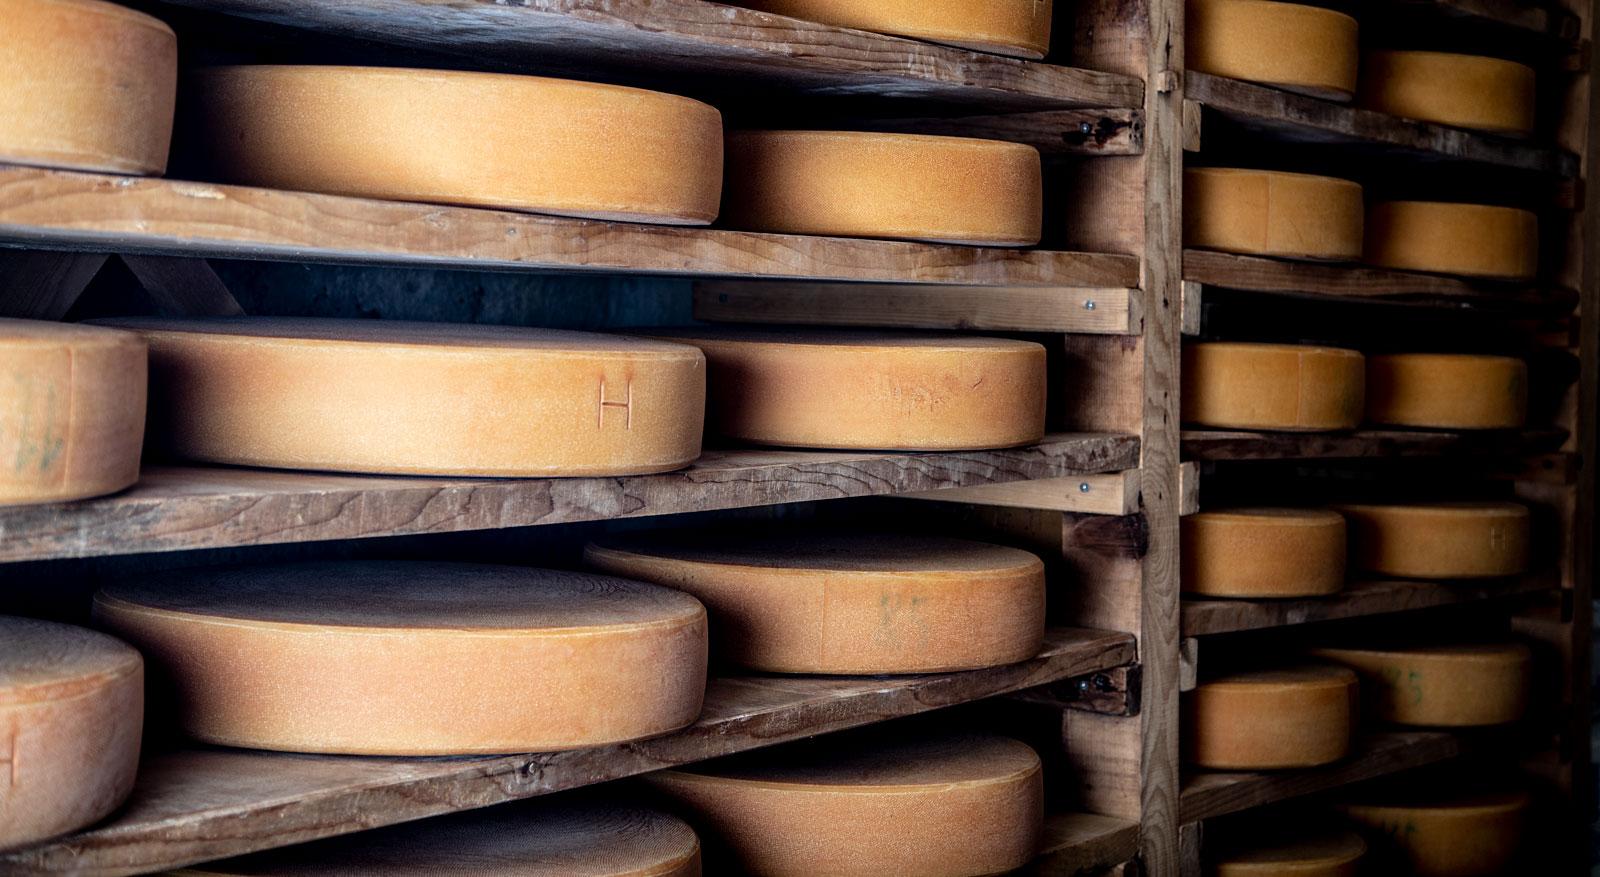 Regionale Spezialitäten als Einweihungsgeschenk, hier: Käse aus dem Bregenzerwald